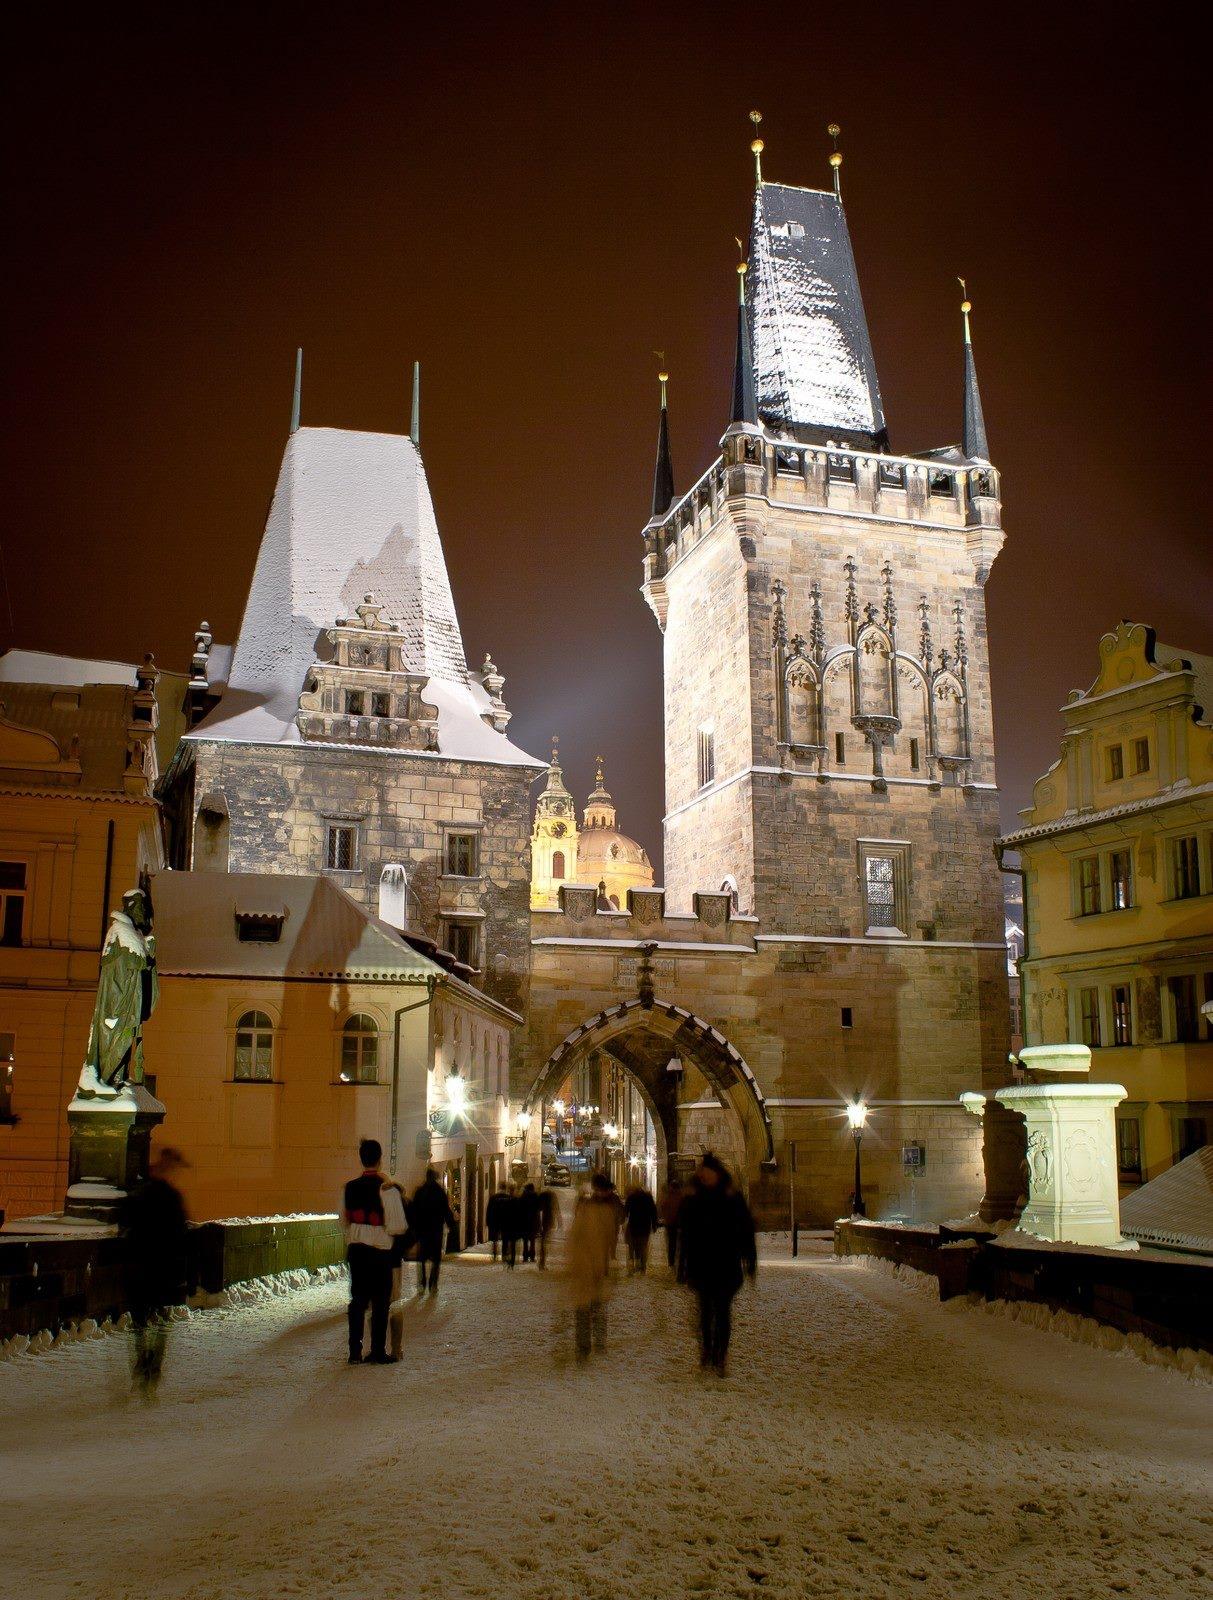 Malostranské mostecké věže - Foto: Marek Nahodil